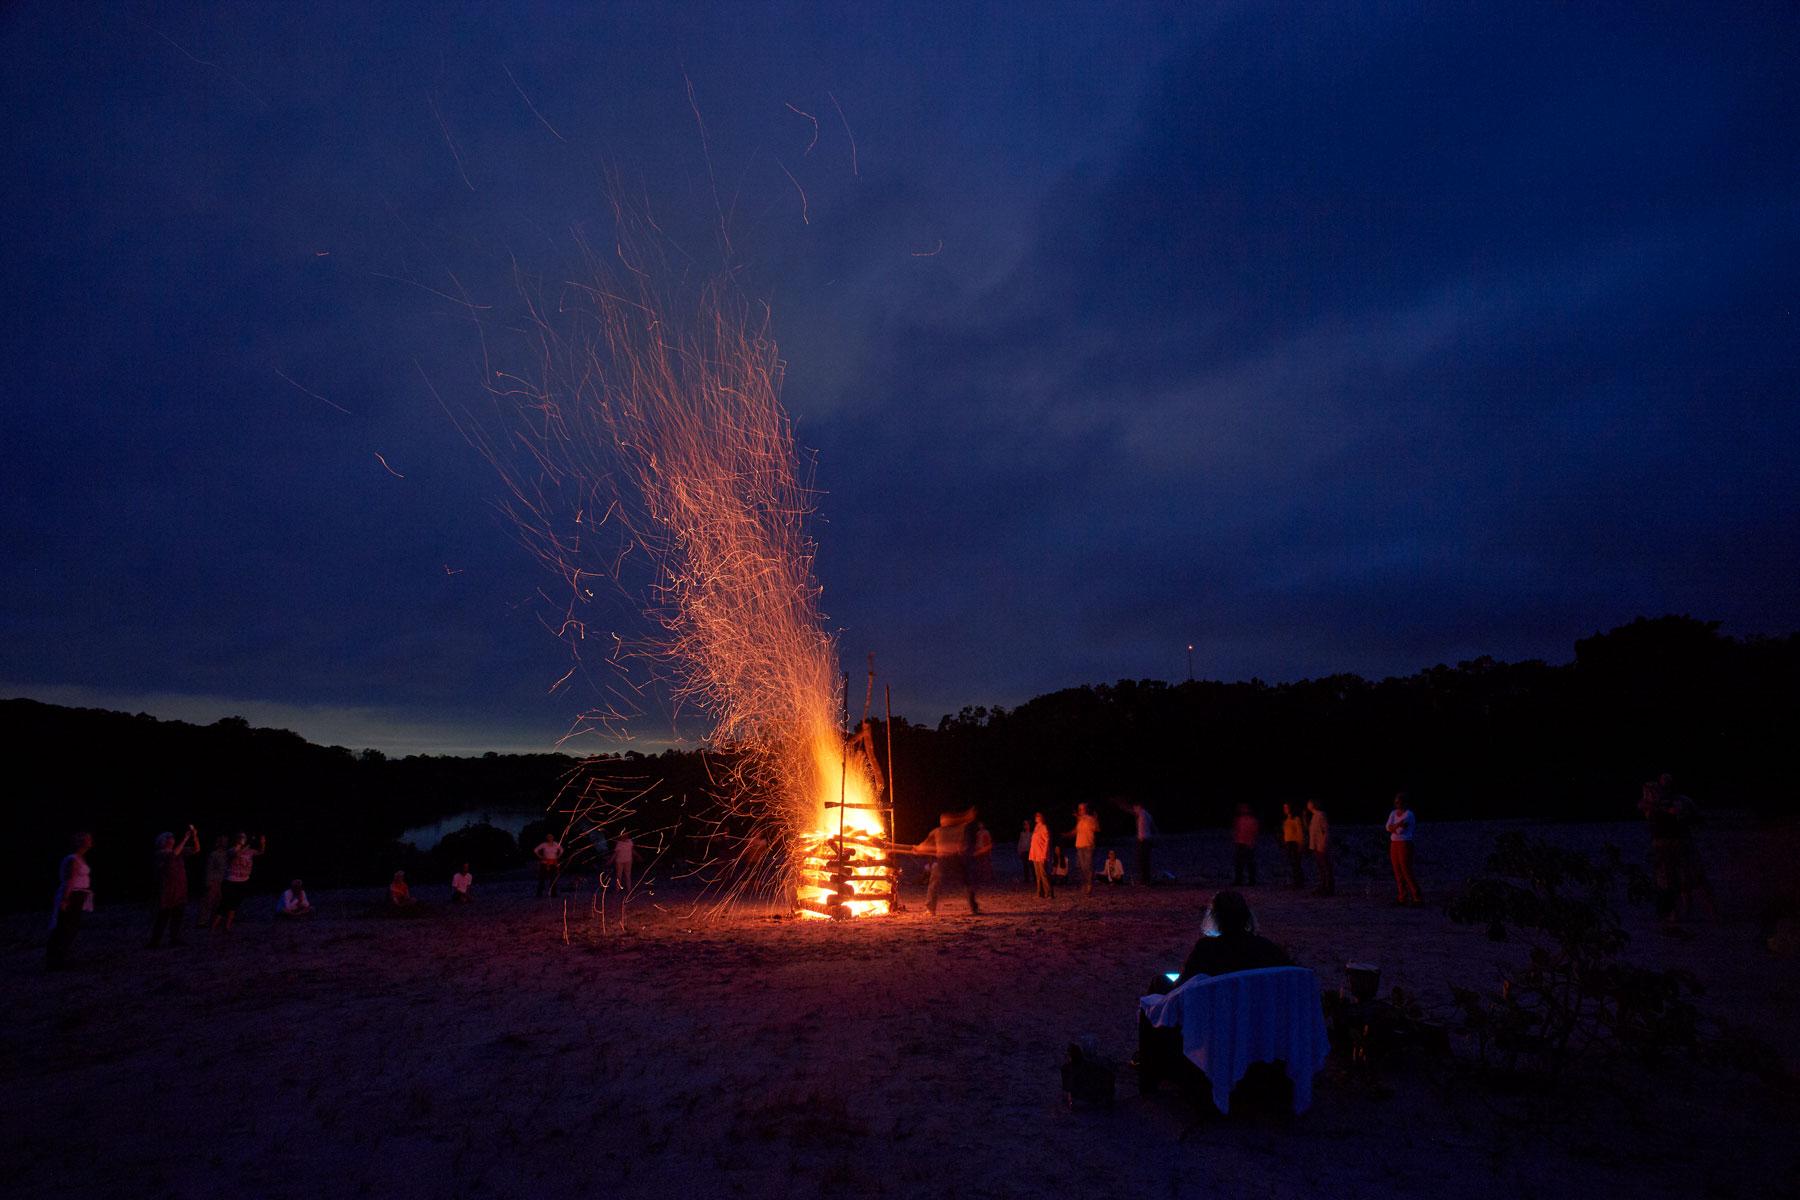 Bild eines großen Feuers mit dunkelblauem Wolkenhimmel und drumherum stehenden Menschen